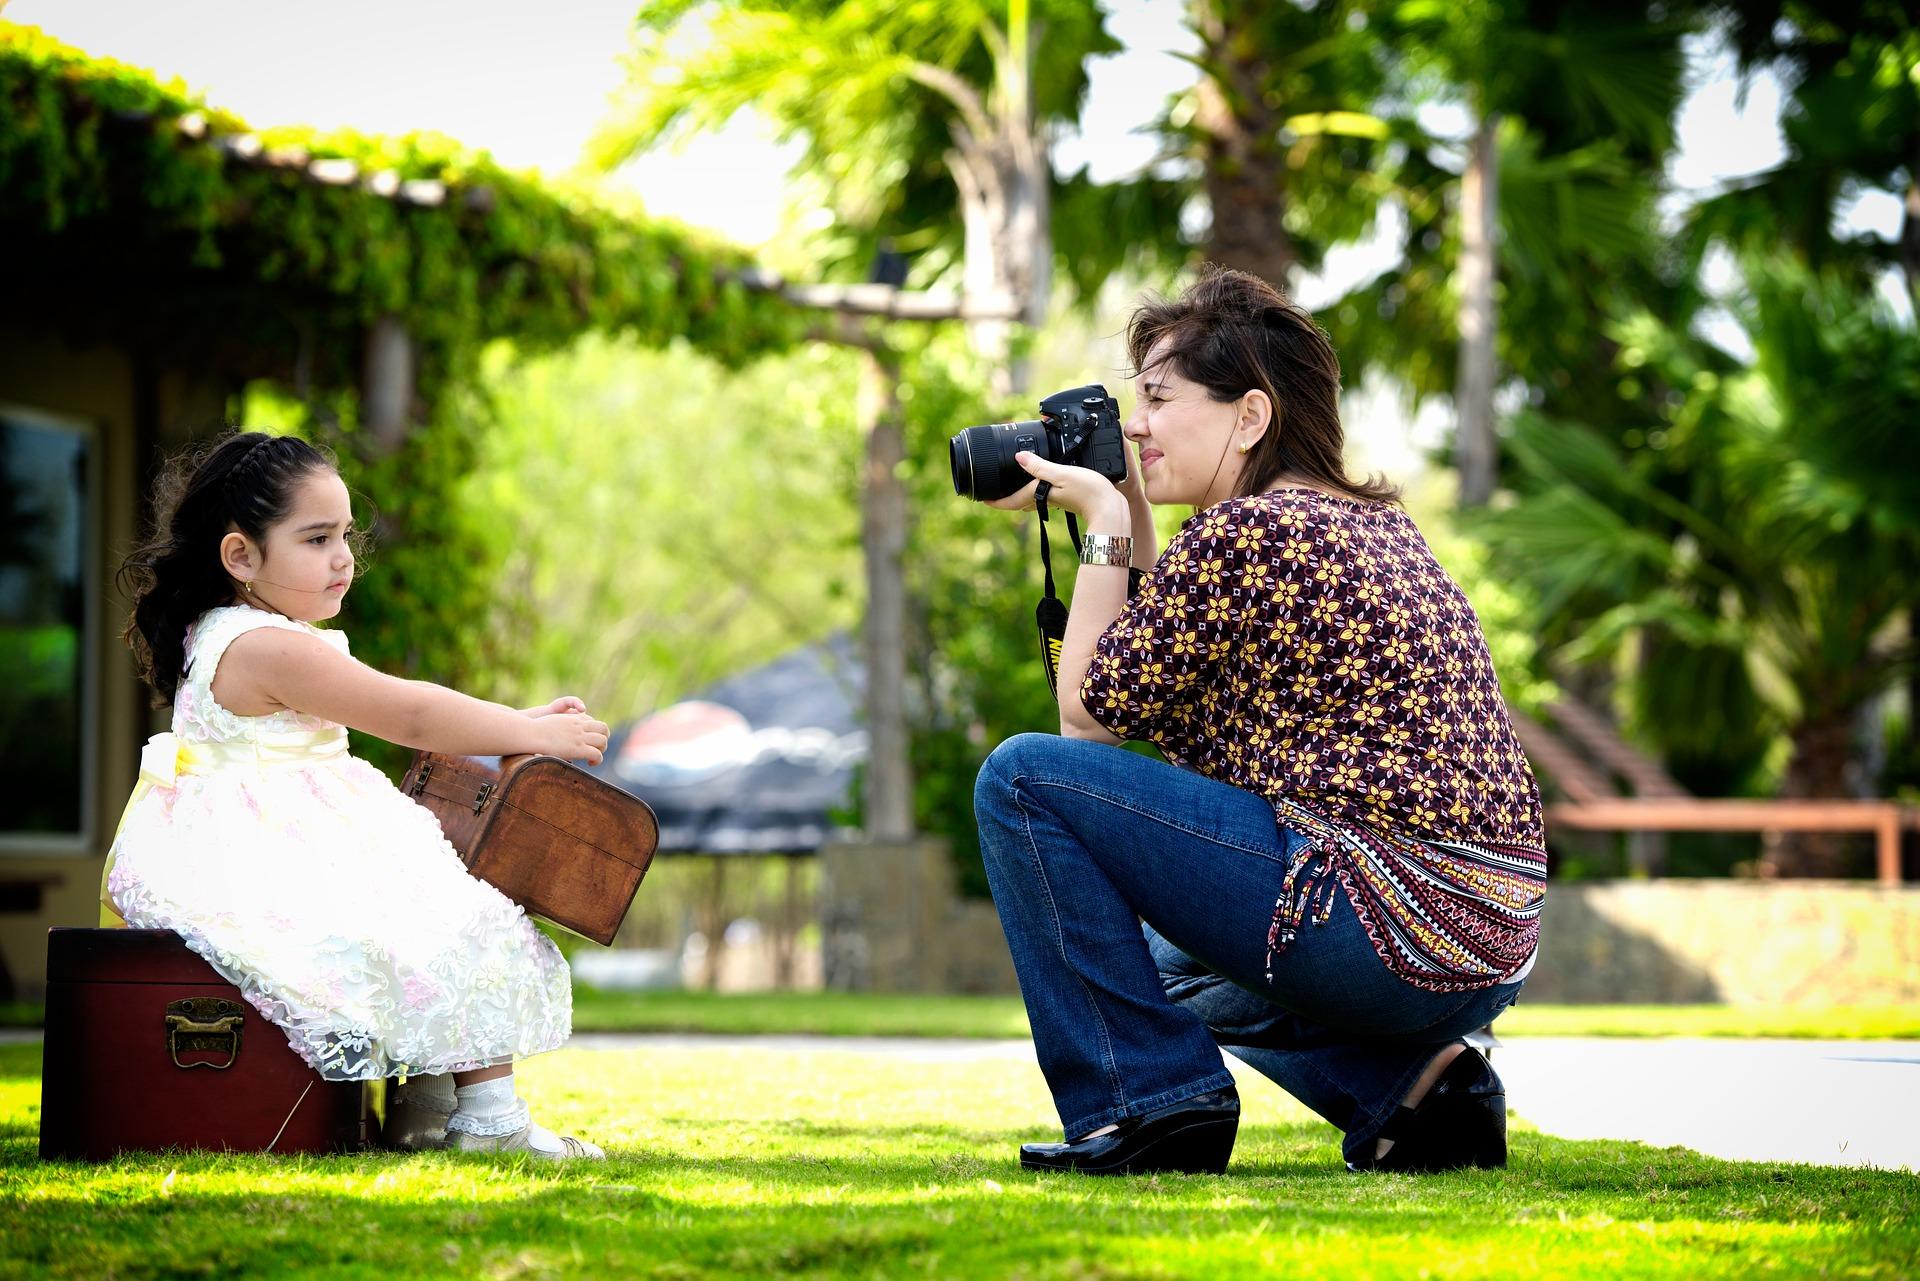 Comment faire de son enfant un ambassadeur de marque(s) sur internet ?